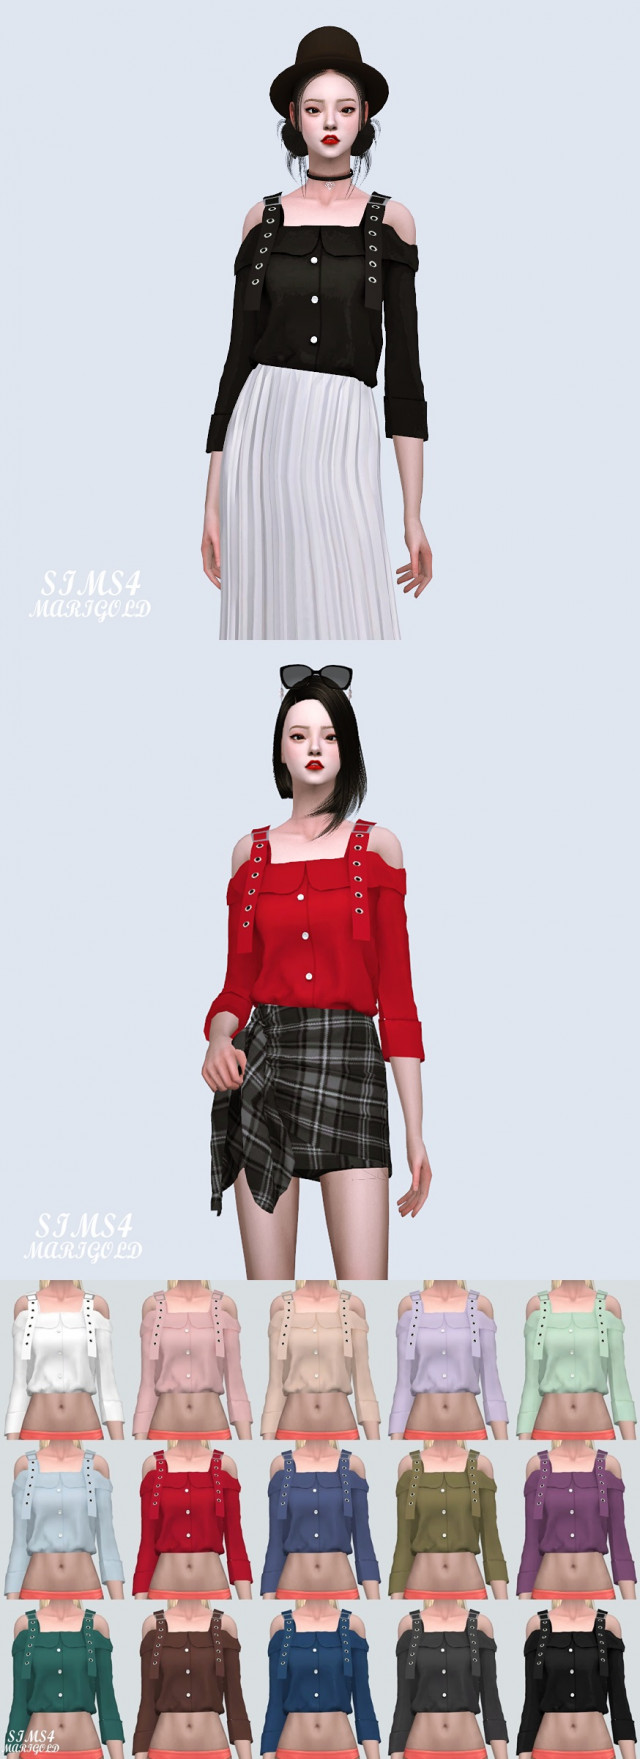 Женская повседневная одежда 0182df7730a98159cf726581522123a9